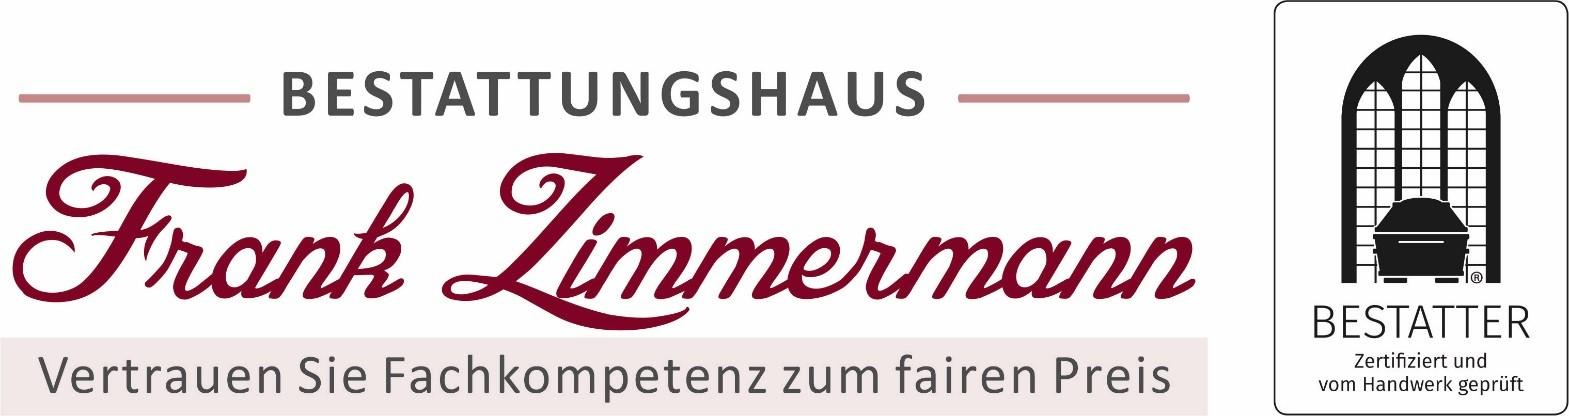 zimmermann-bestattungshaus